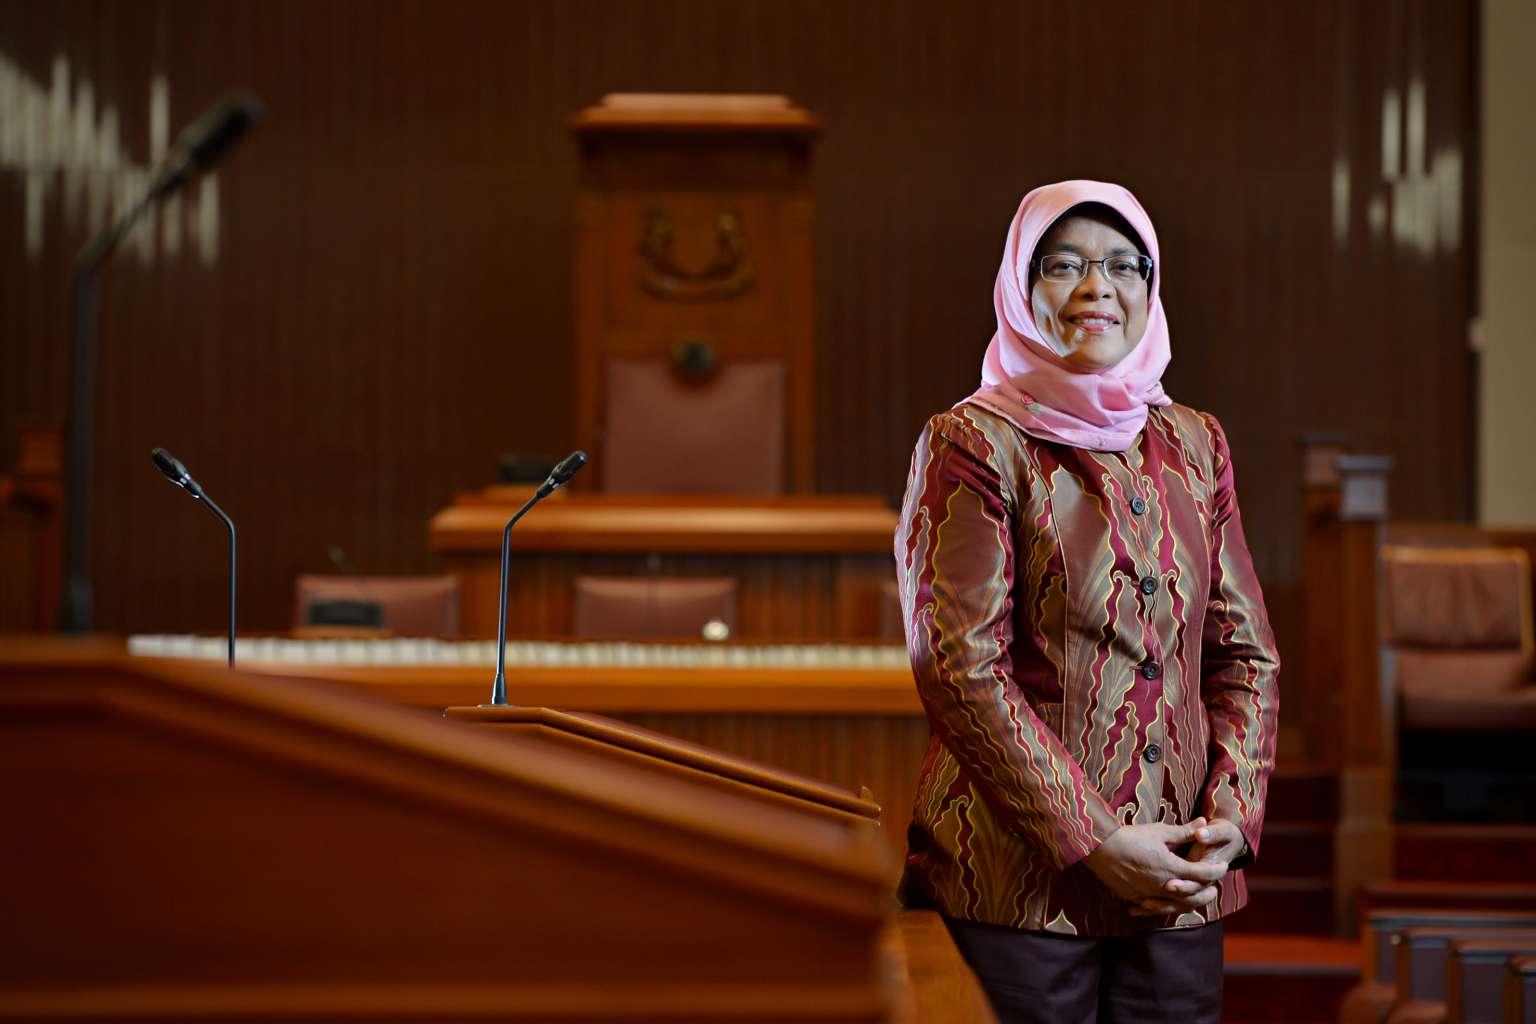 Presiden MELAYU Pertama Dilantik Selepas 47 Tahun Kematian Yusof Ishak. Halimah Yacob Kini PRESIDEN Singapura Ke-8